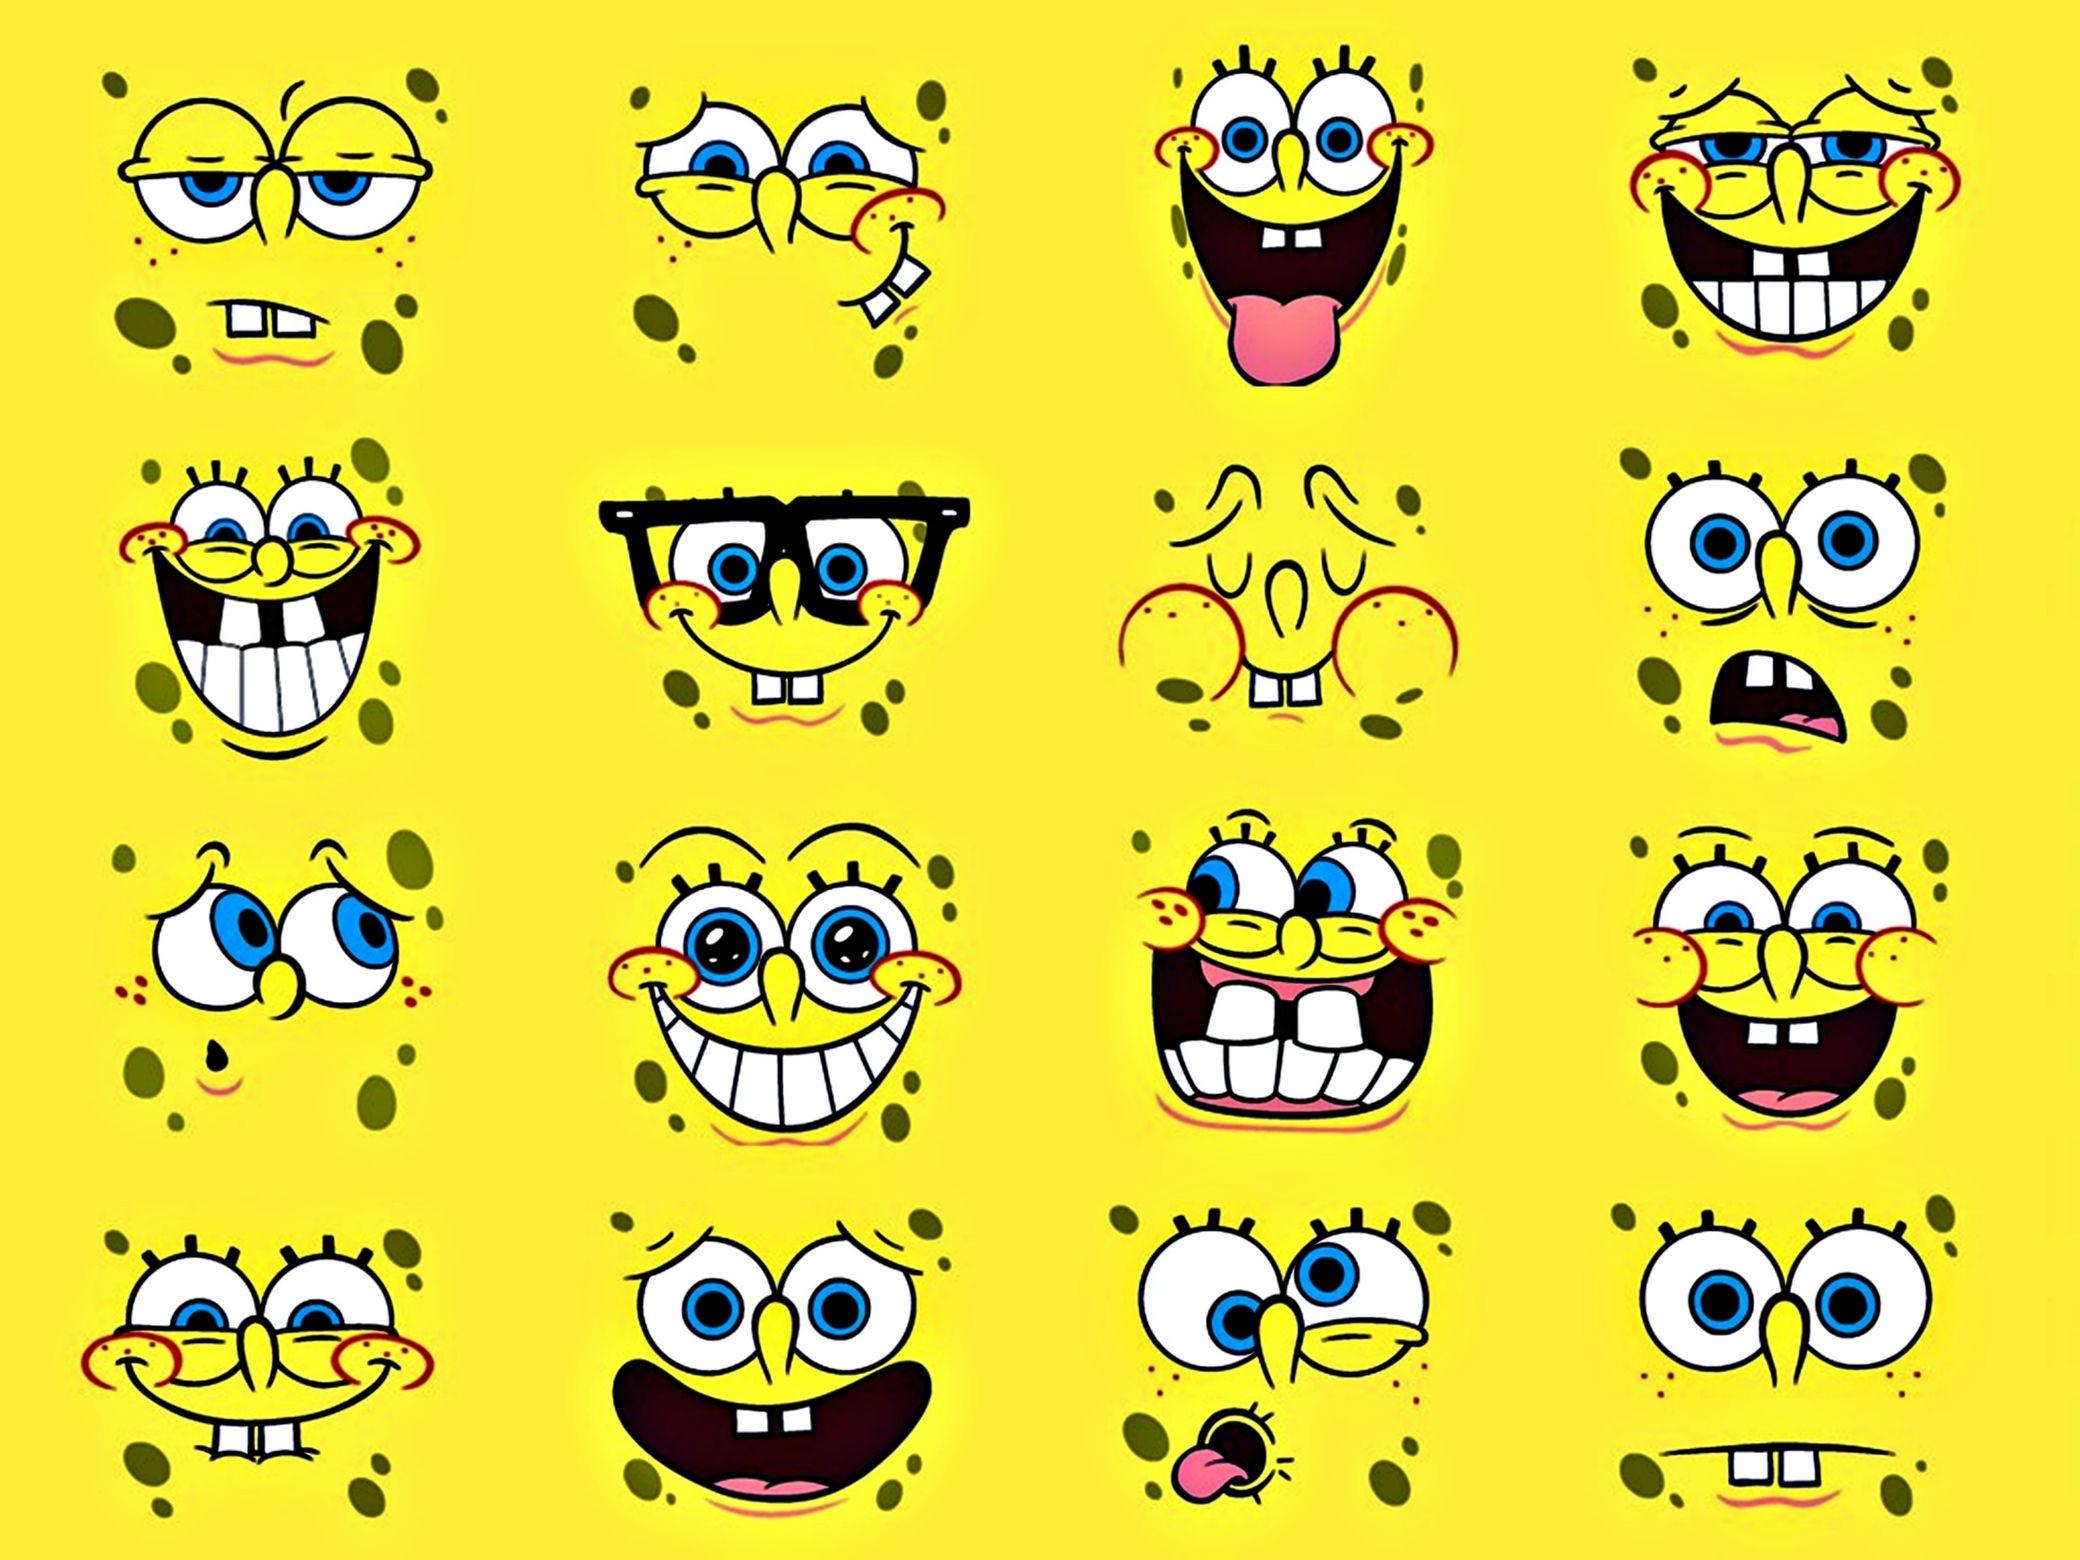 Spongebob Picture Wallpaper HD e1382699113748 Face Spongebob 2080x1560